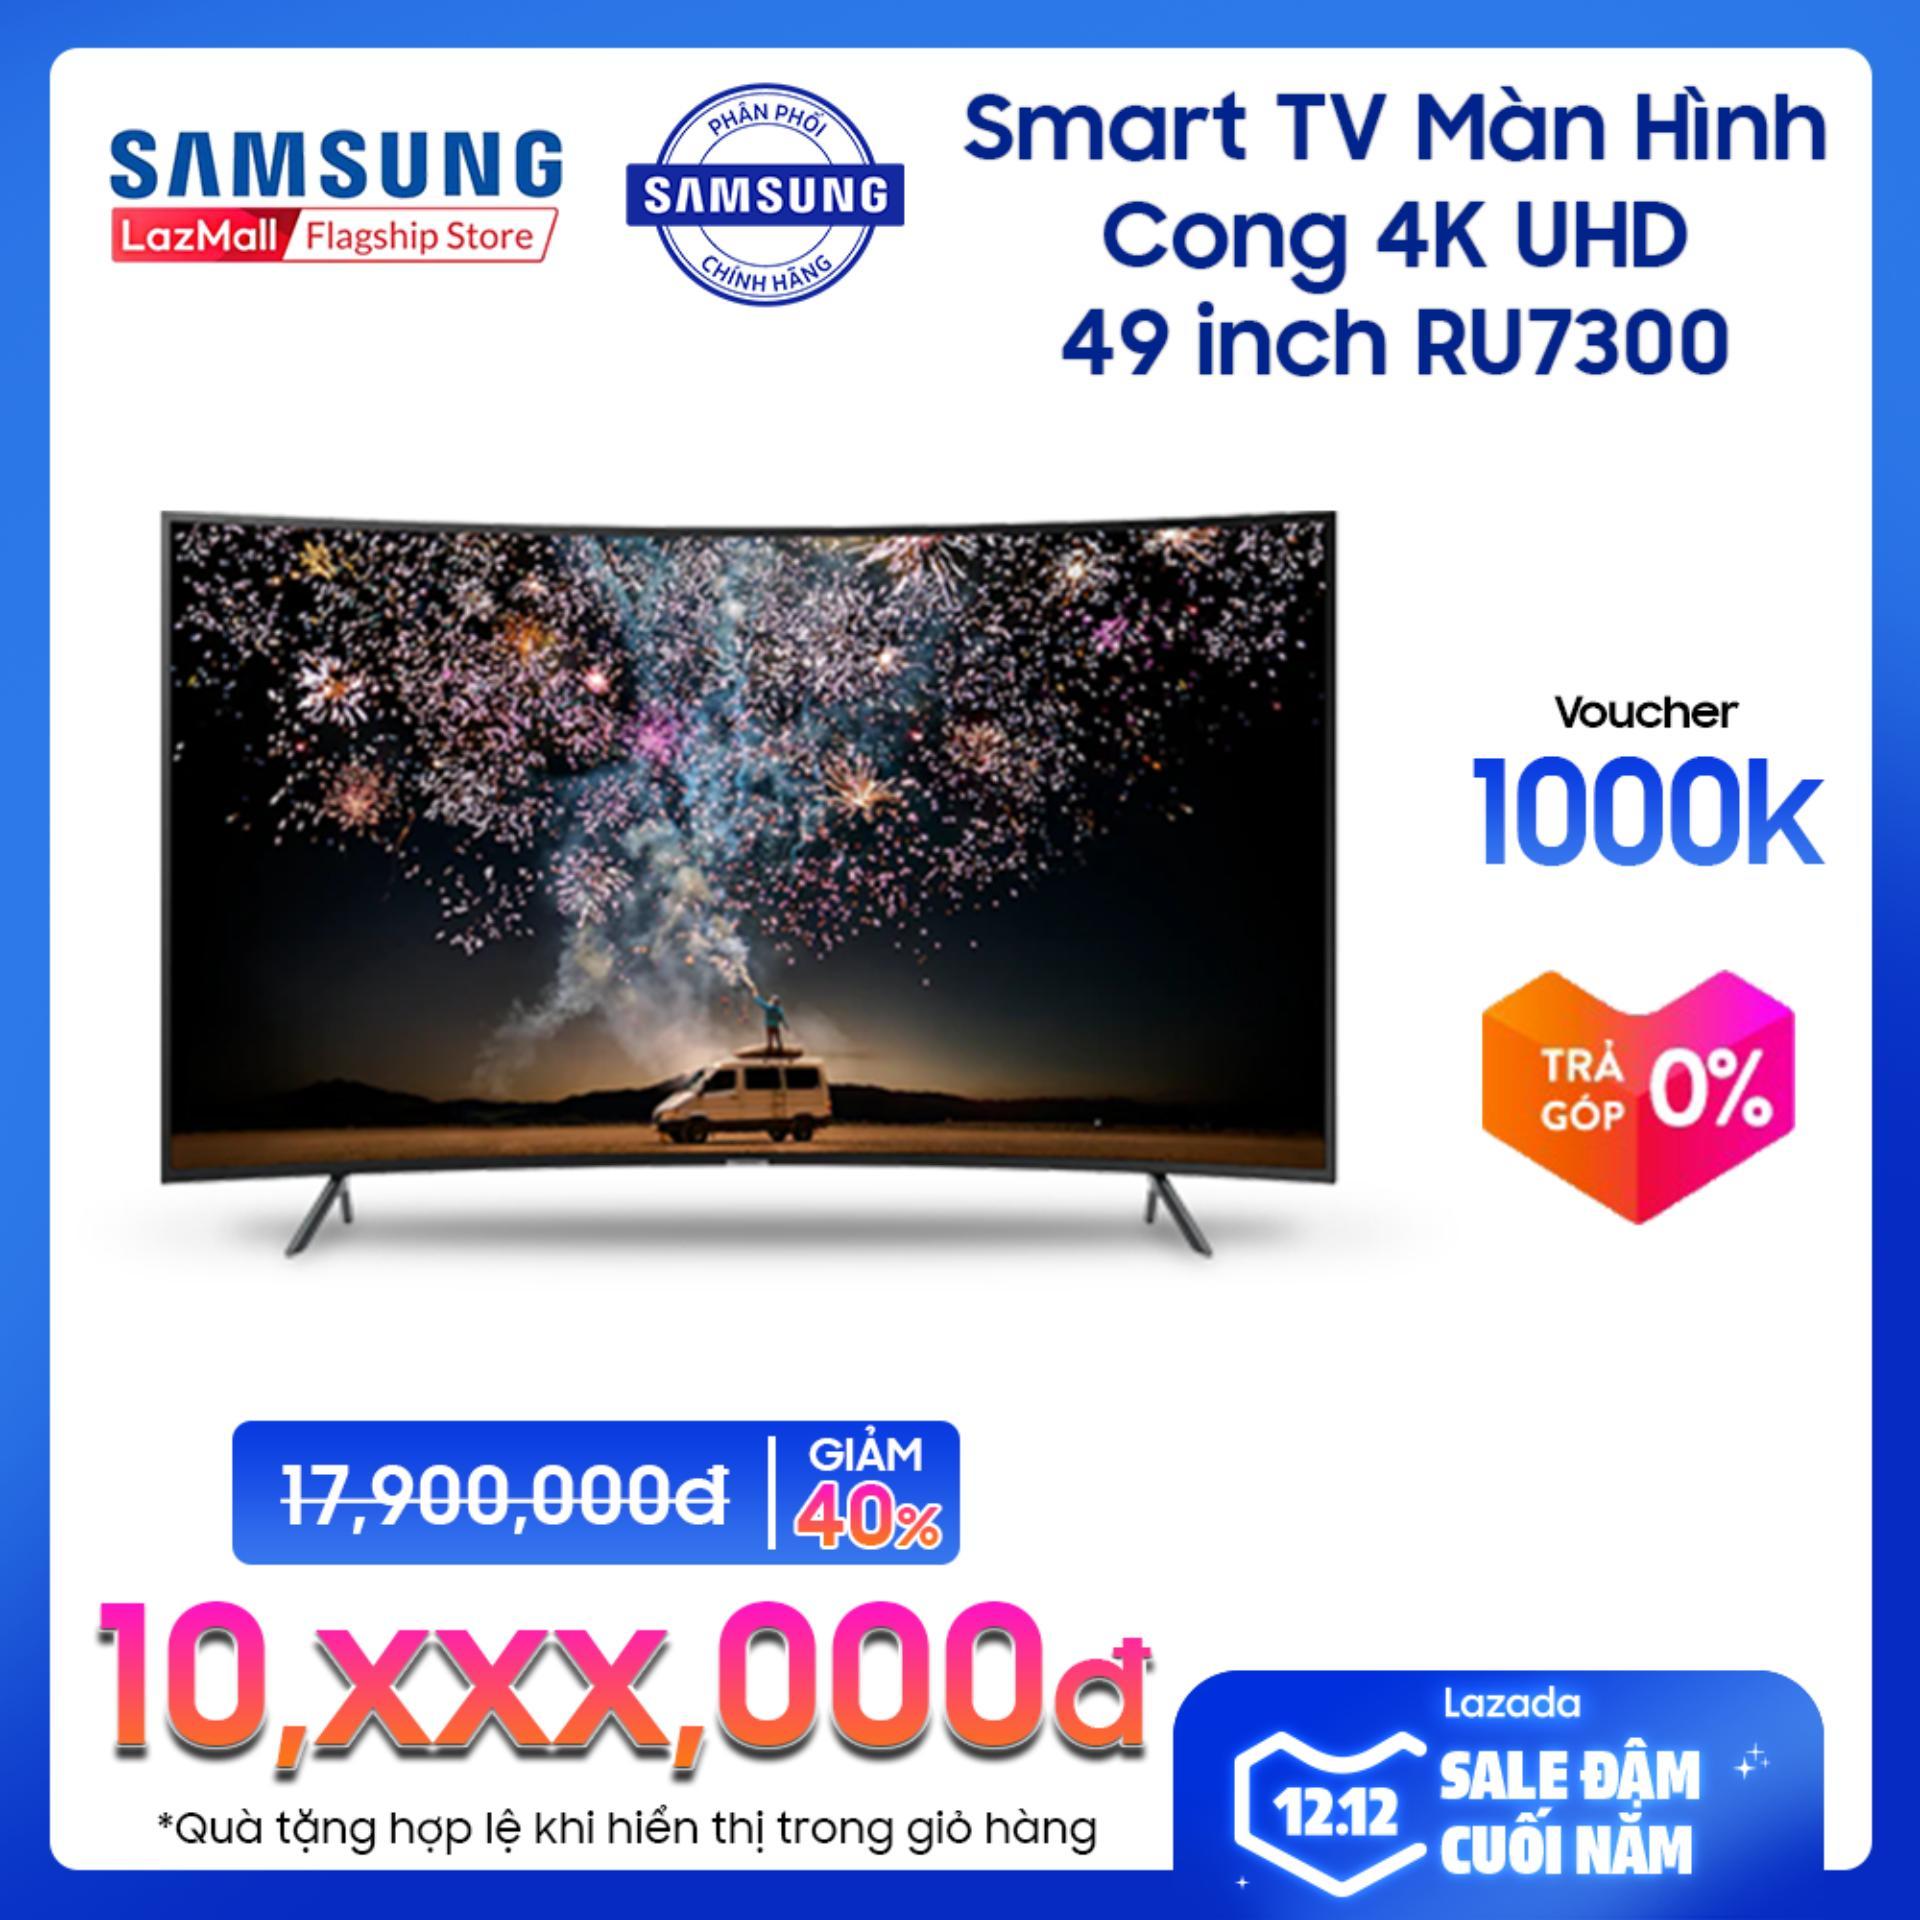 Giá Cực Tốt Khi Mua Smart TV Samsung Màn Hình Cong 4K UHD 49inch - Model UA49RU7300KXXV (2019) - Cải Tiến Màu Sắc PurColor + Bộ Xử Lý Hình ảnh 4K UHD HDR - Hàng Phân Phối Chính Hãng